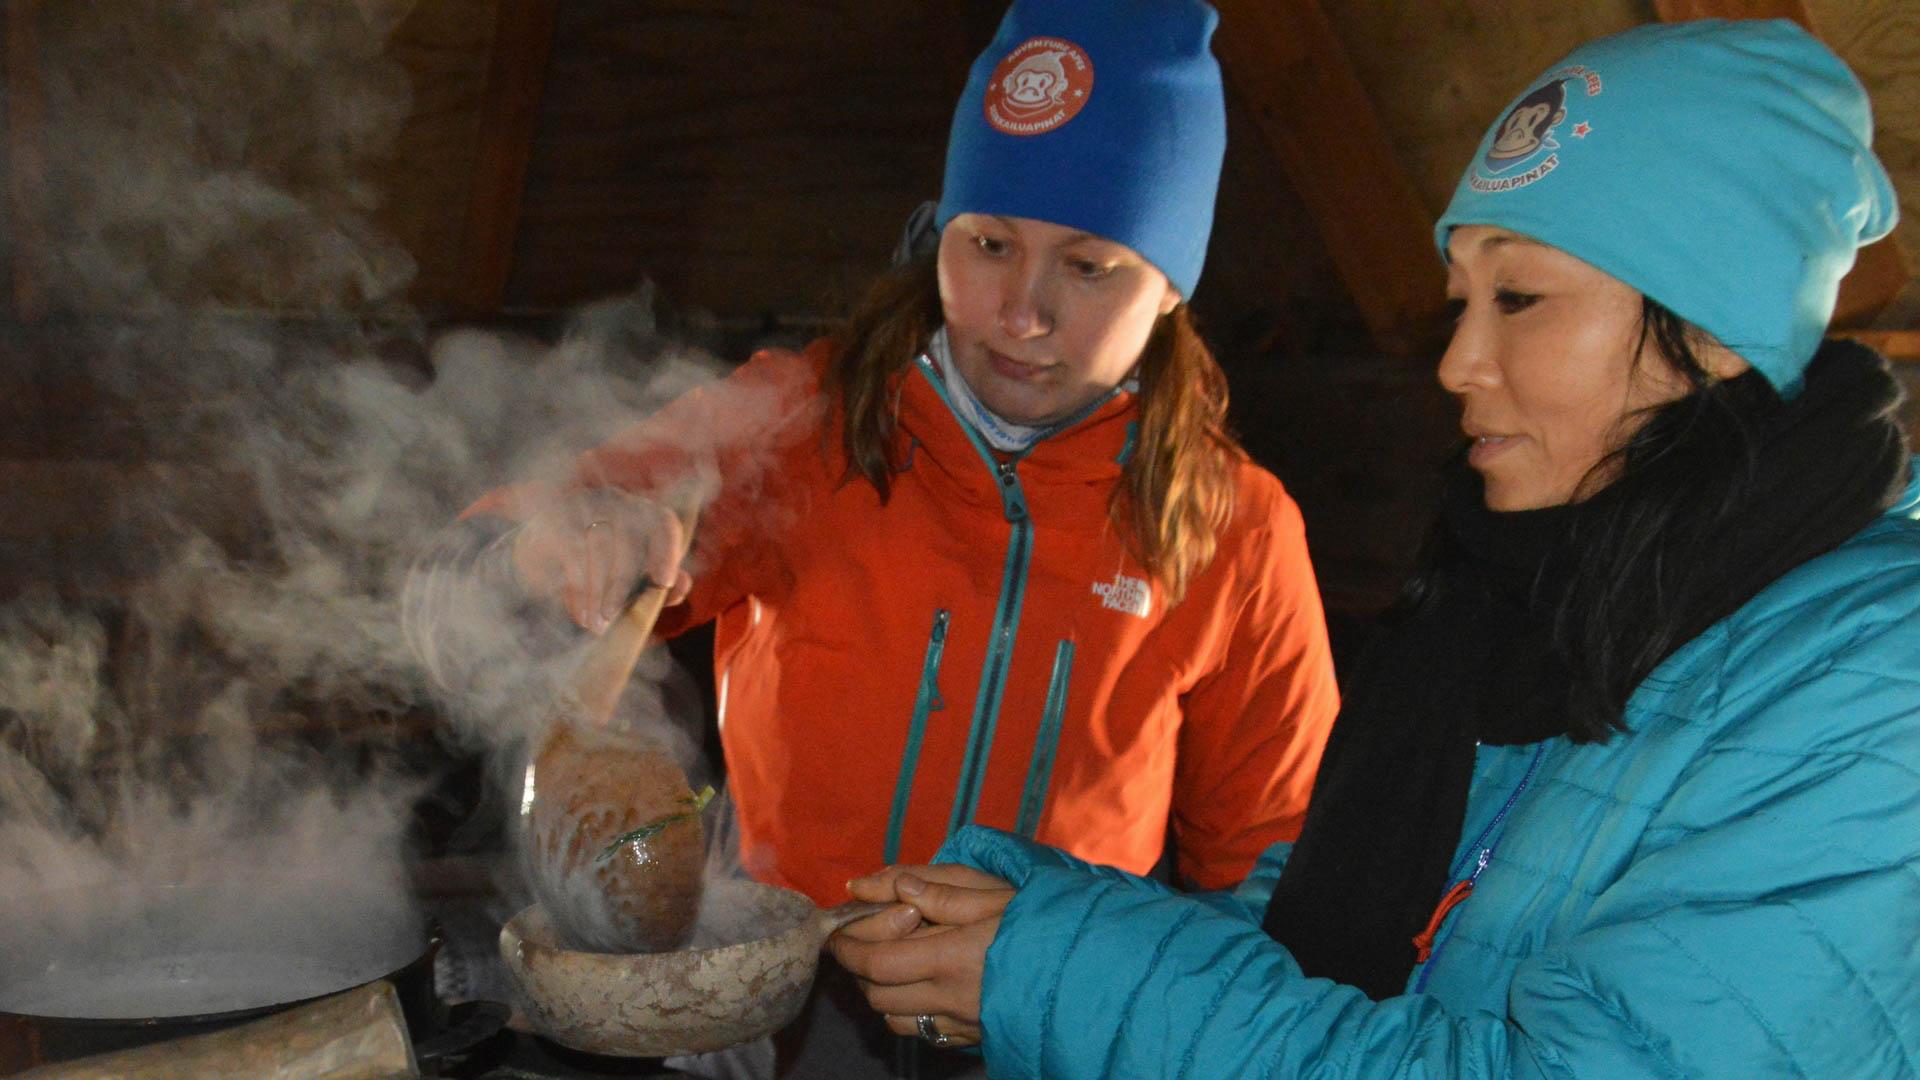 Seikkailuapinat-yrittäjä Heidi Savolainen tuo suomalaiset maut, tuoksut ja askareet tutuiksi matkailijoille